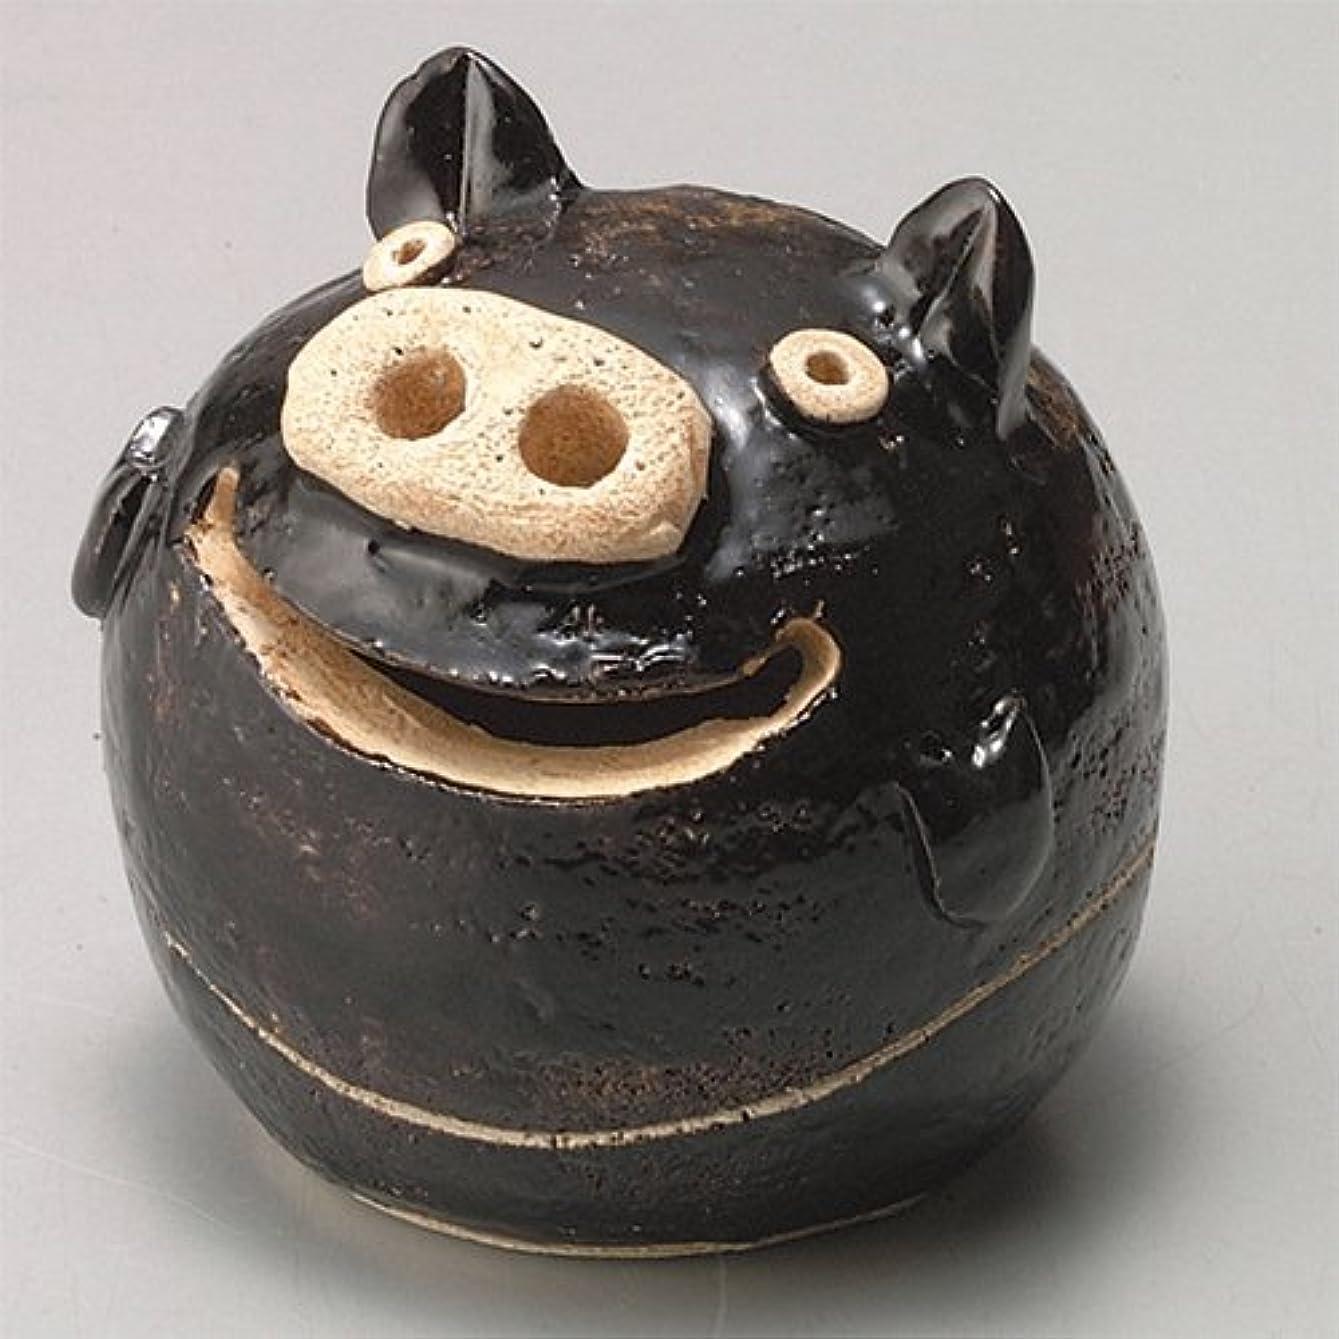 上院一元化する現象香炉 ぶた君 香炉(黒) [H9cm] HANDMADE プレゼント ギフト 和食器 かわいい インテリア